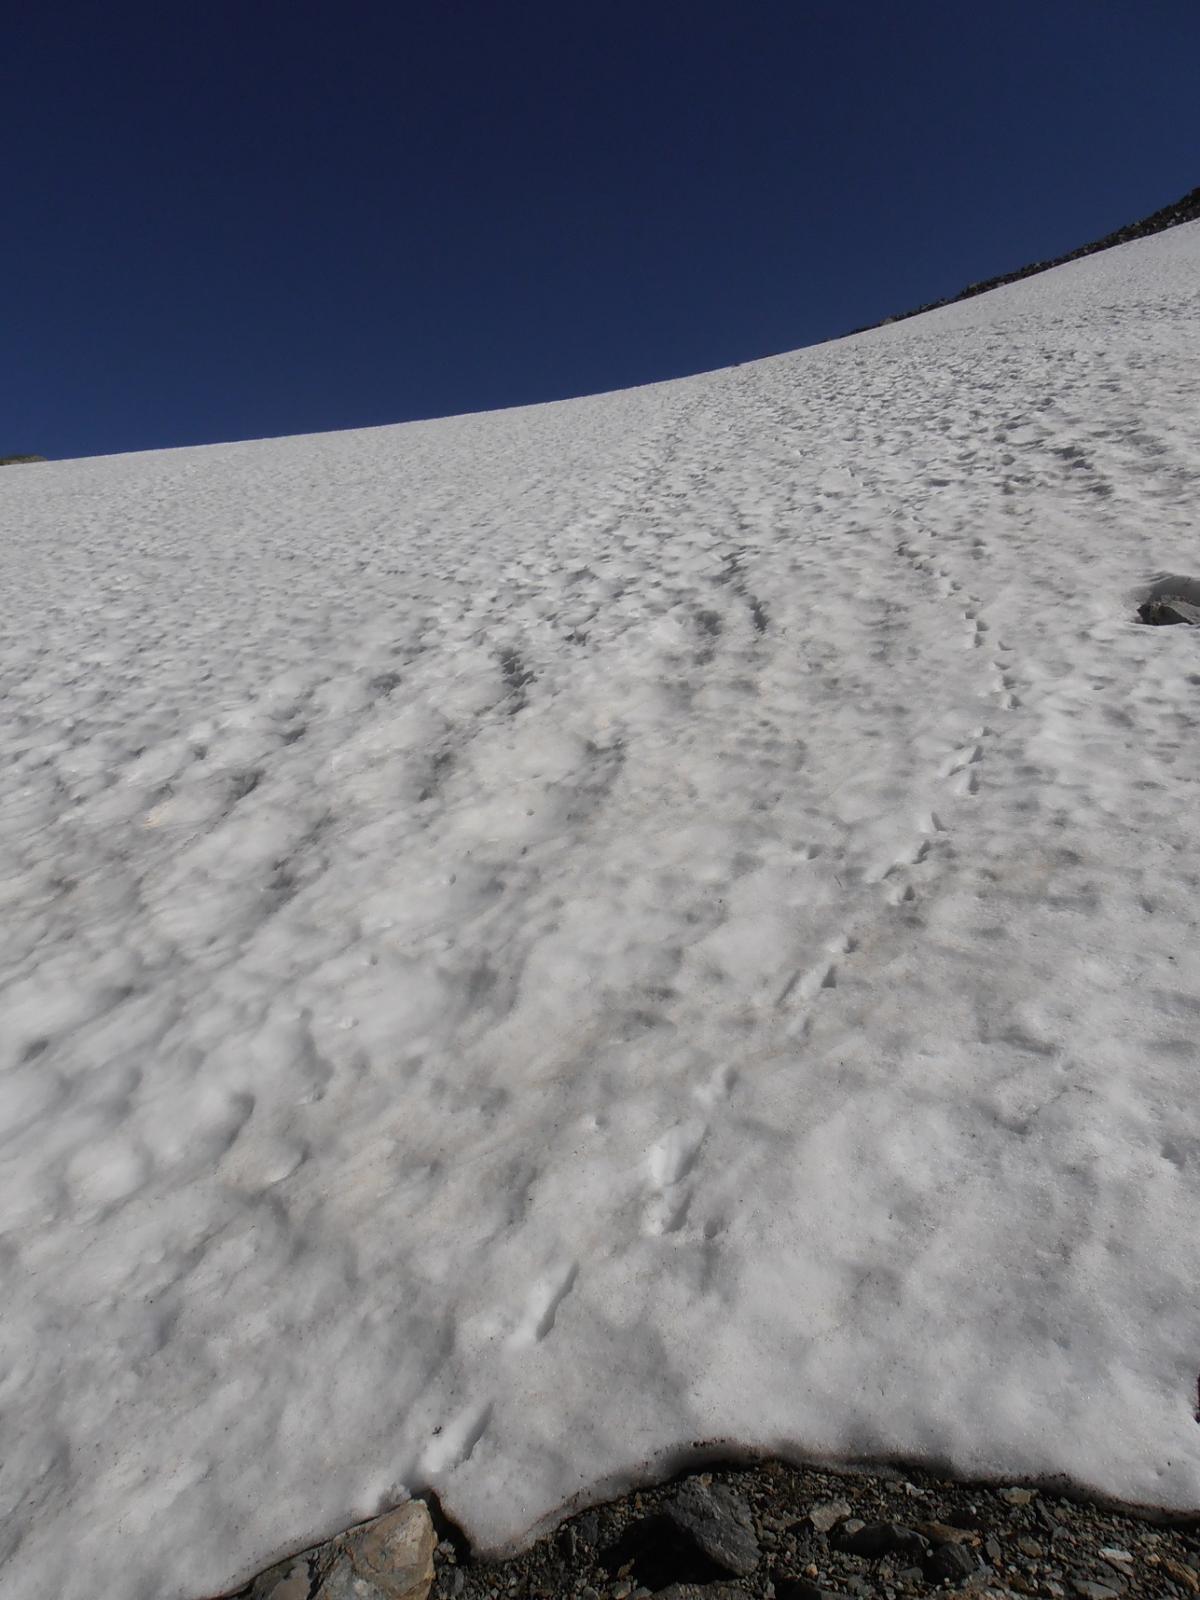 04 - il nevaio sotto il bivacco, tra 30 e 35 gradi